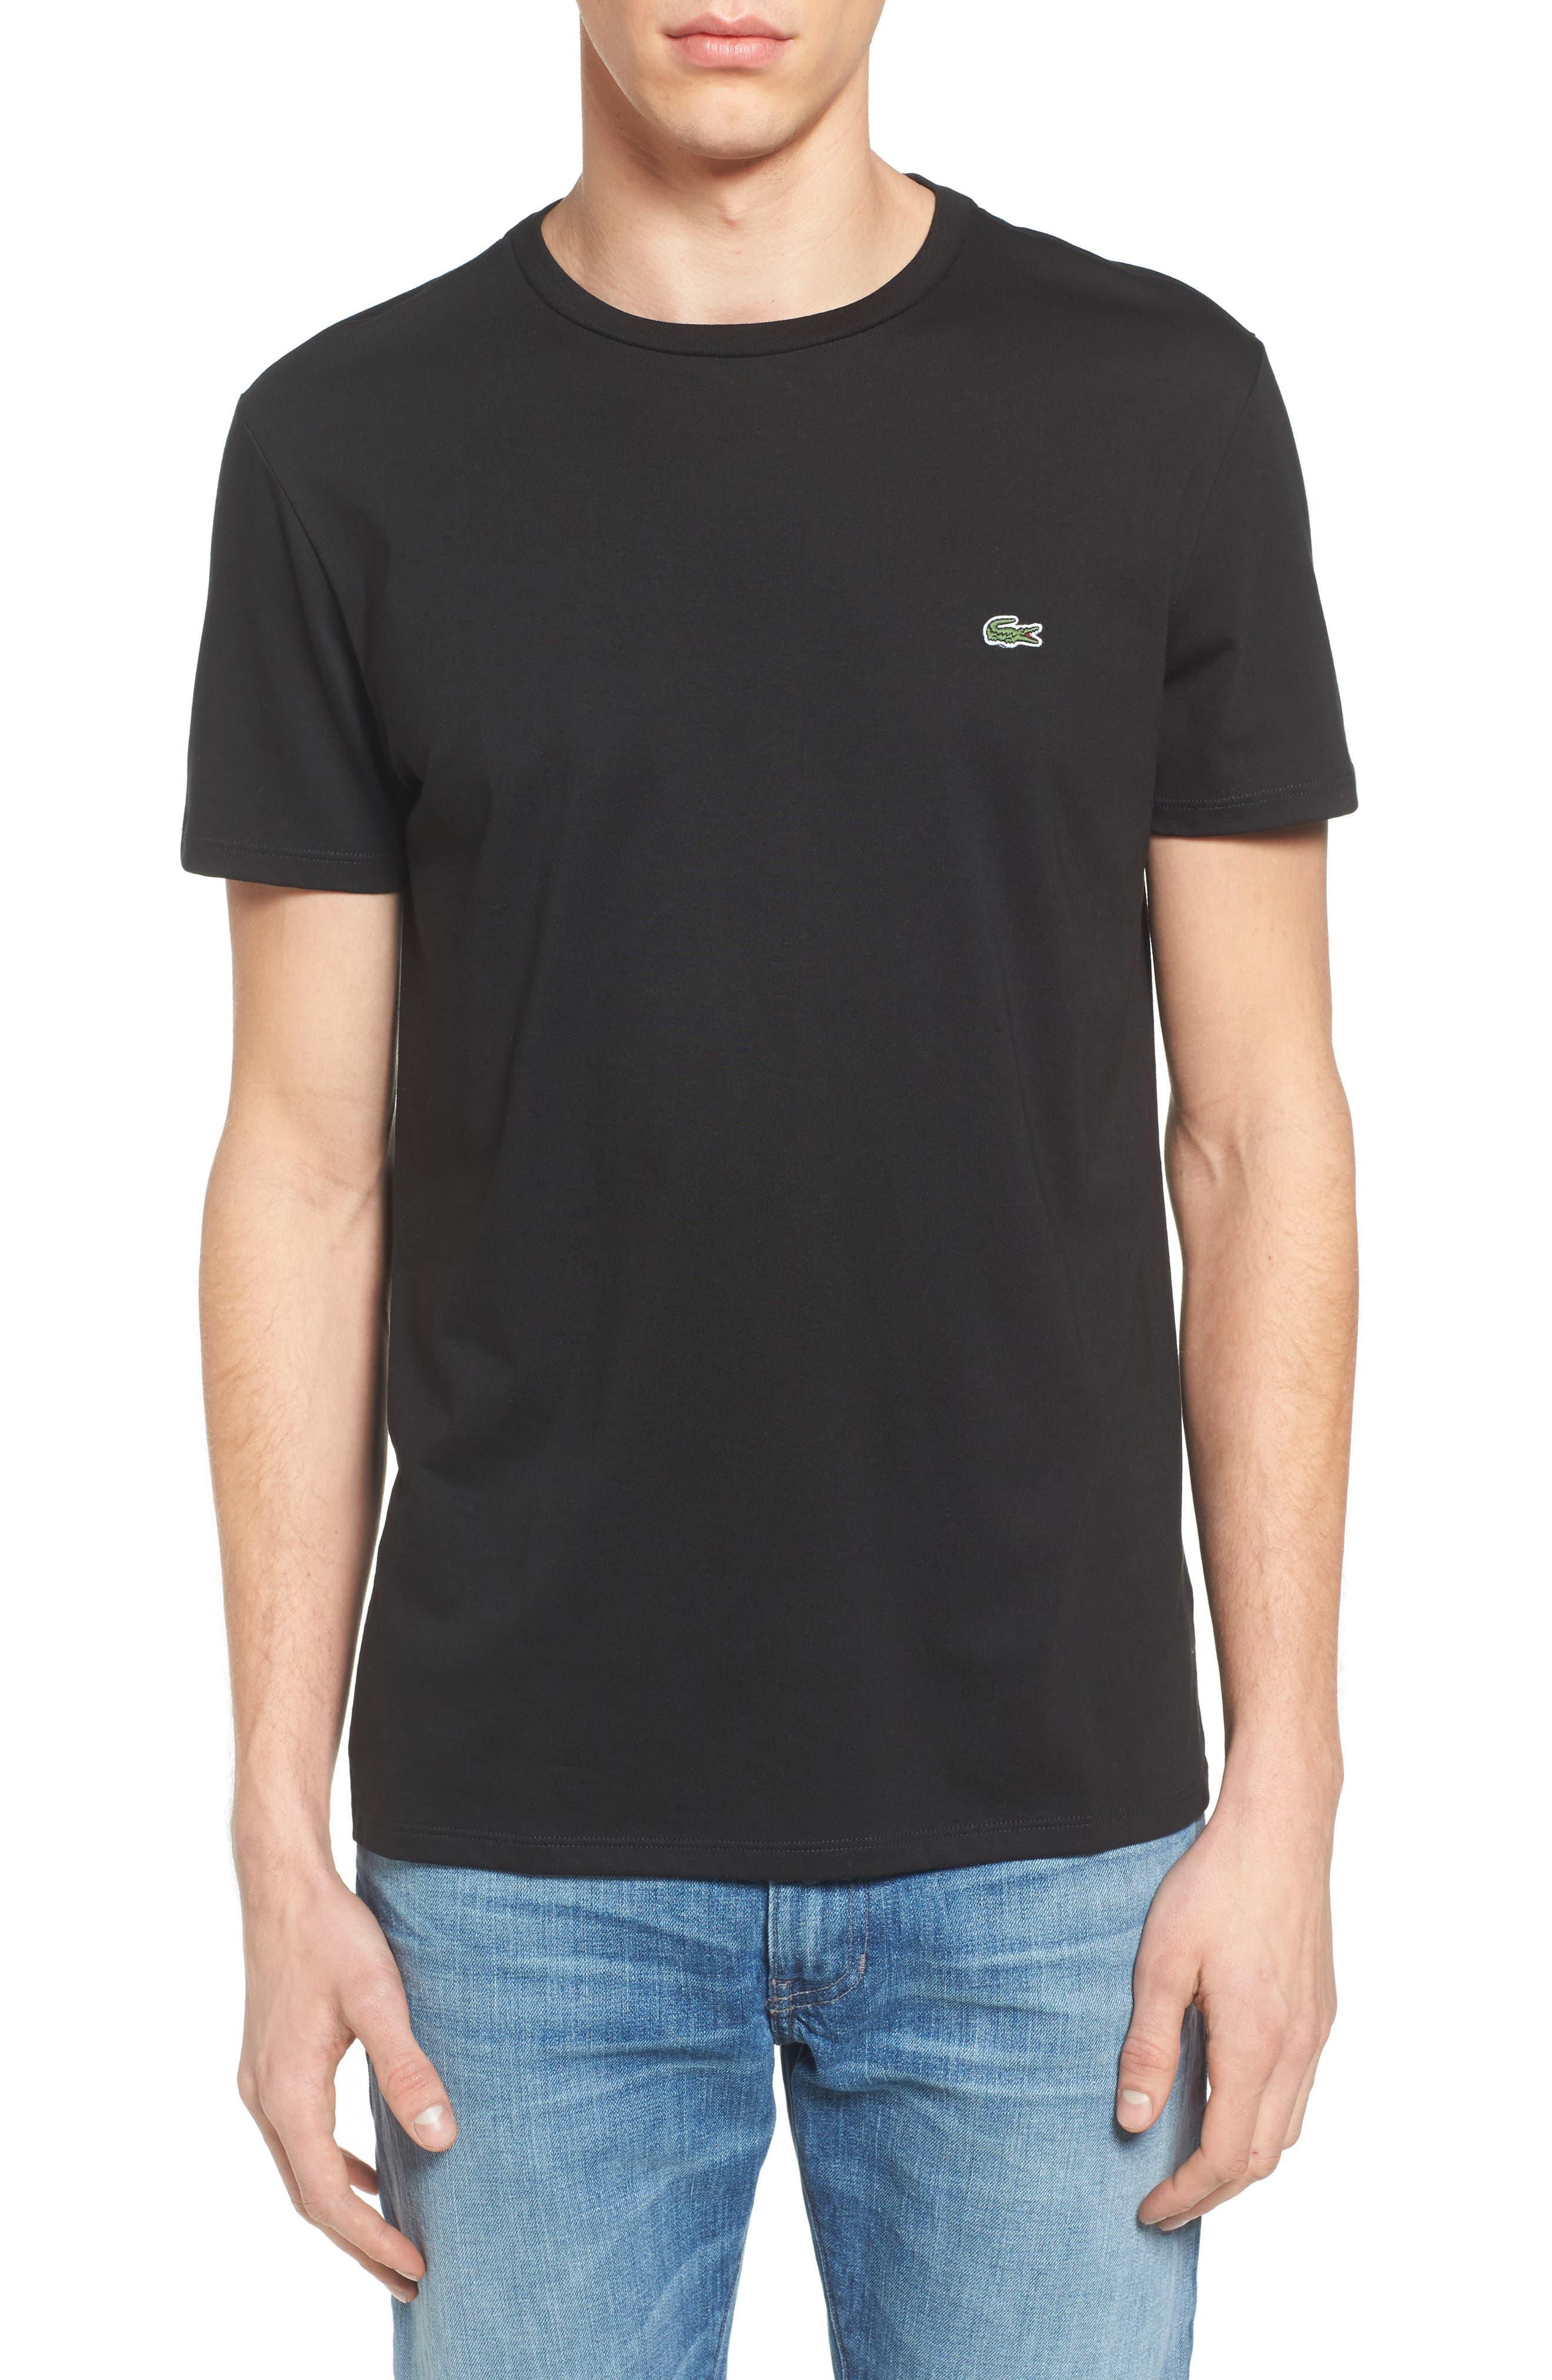 Pima Cotton T-Shirt,                         Main,                         color, BLACK